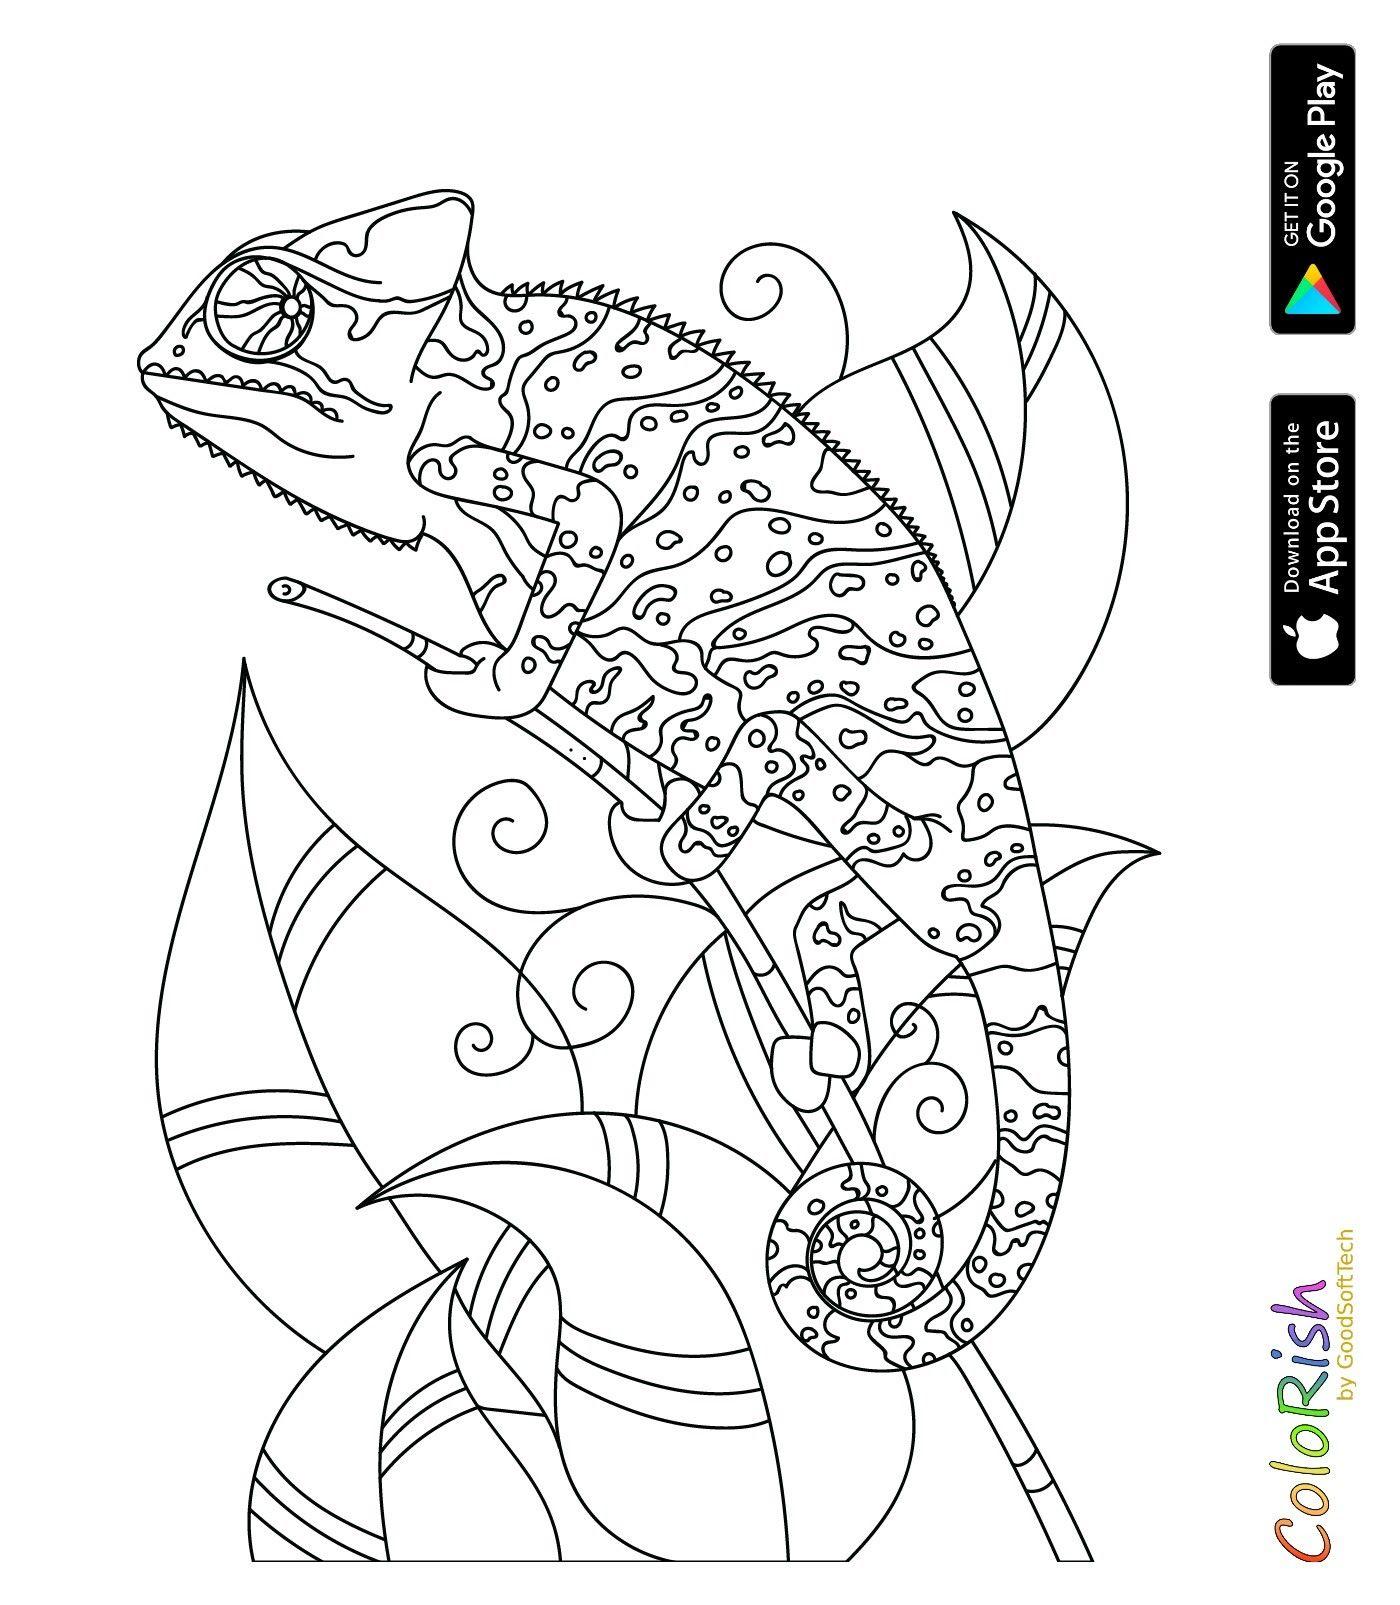 Ausgezeichnet Reptilien Malvorlagen Fotos - Ideen fortsetzen ...